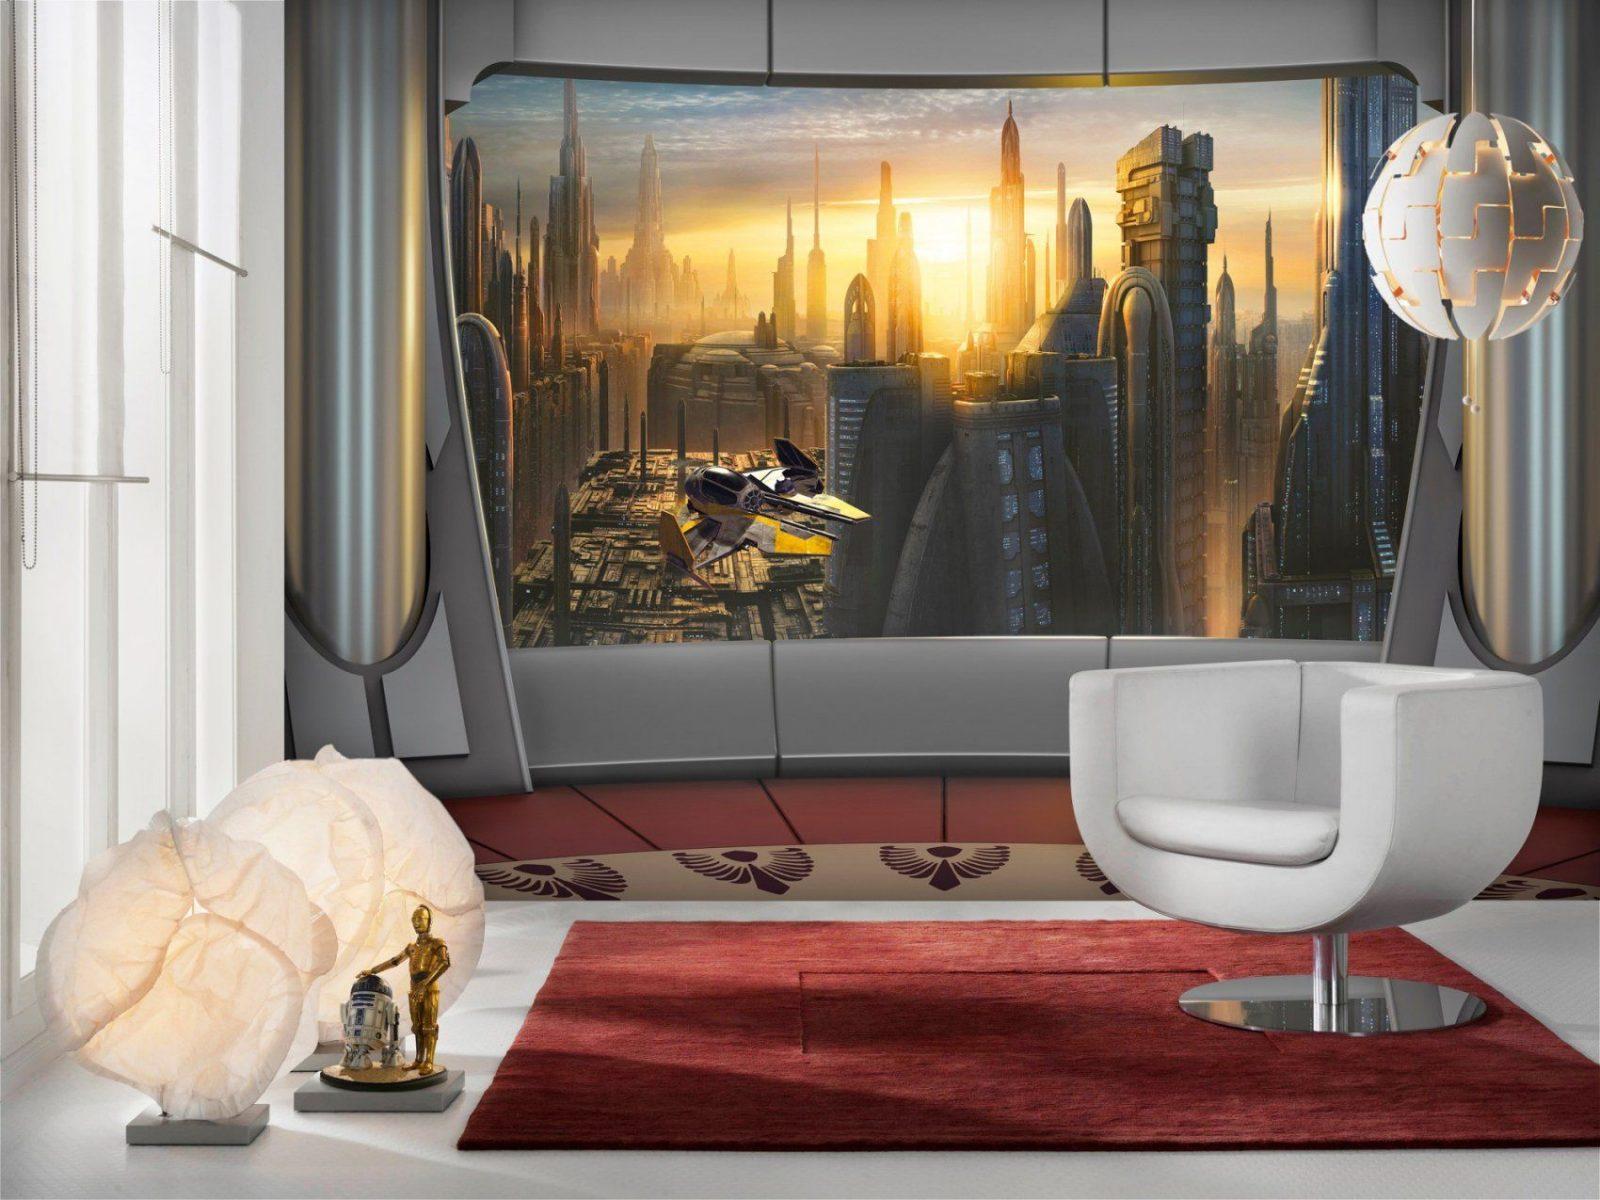 """Fototapete """"Star Wars Coruscant View"""" Von Komar  Disney Star Wars von Star Wars Kinderzimmer Einrichtung Bild"""